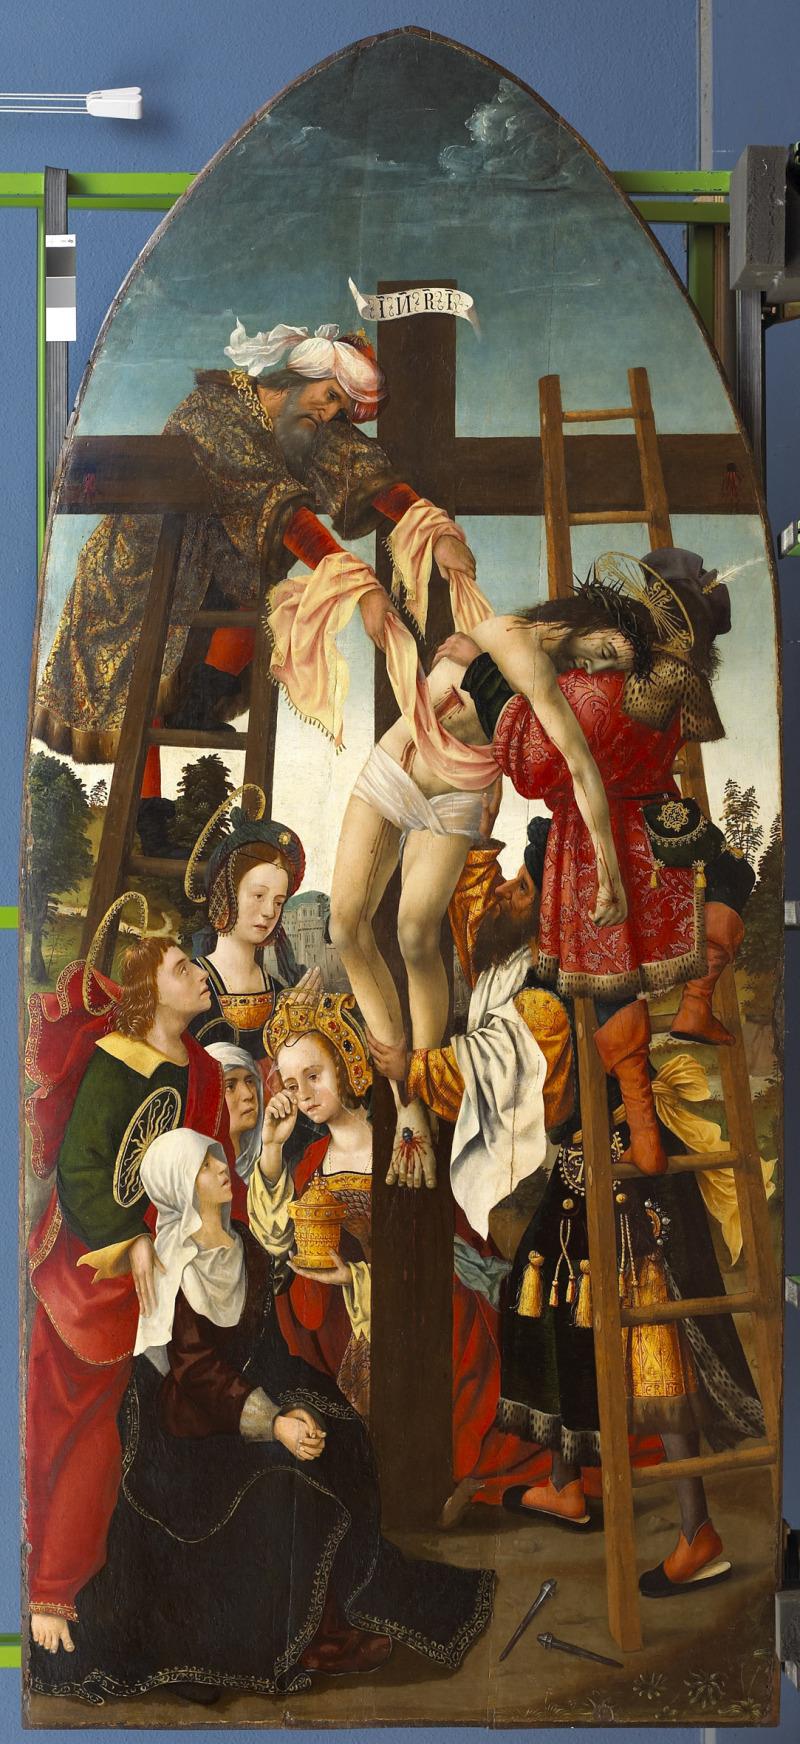 Une cité riche et puissante - Descente de crois. Anonyme néerlandais, vers 1510, musée des Augustins, Toulouse